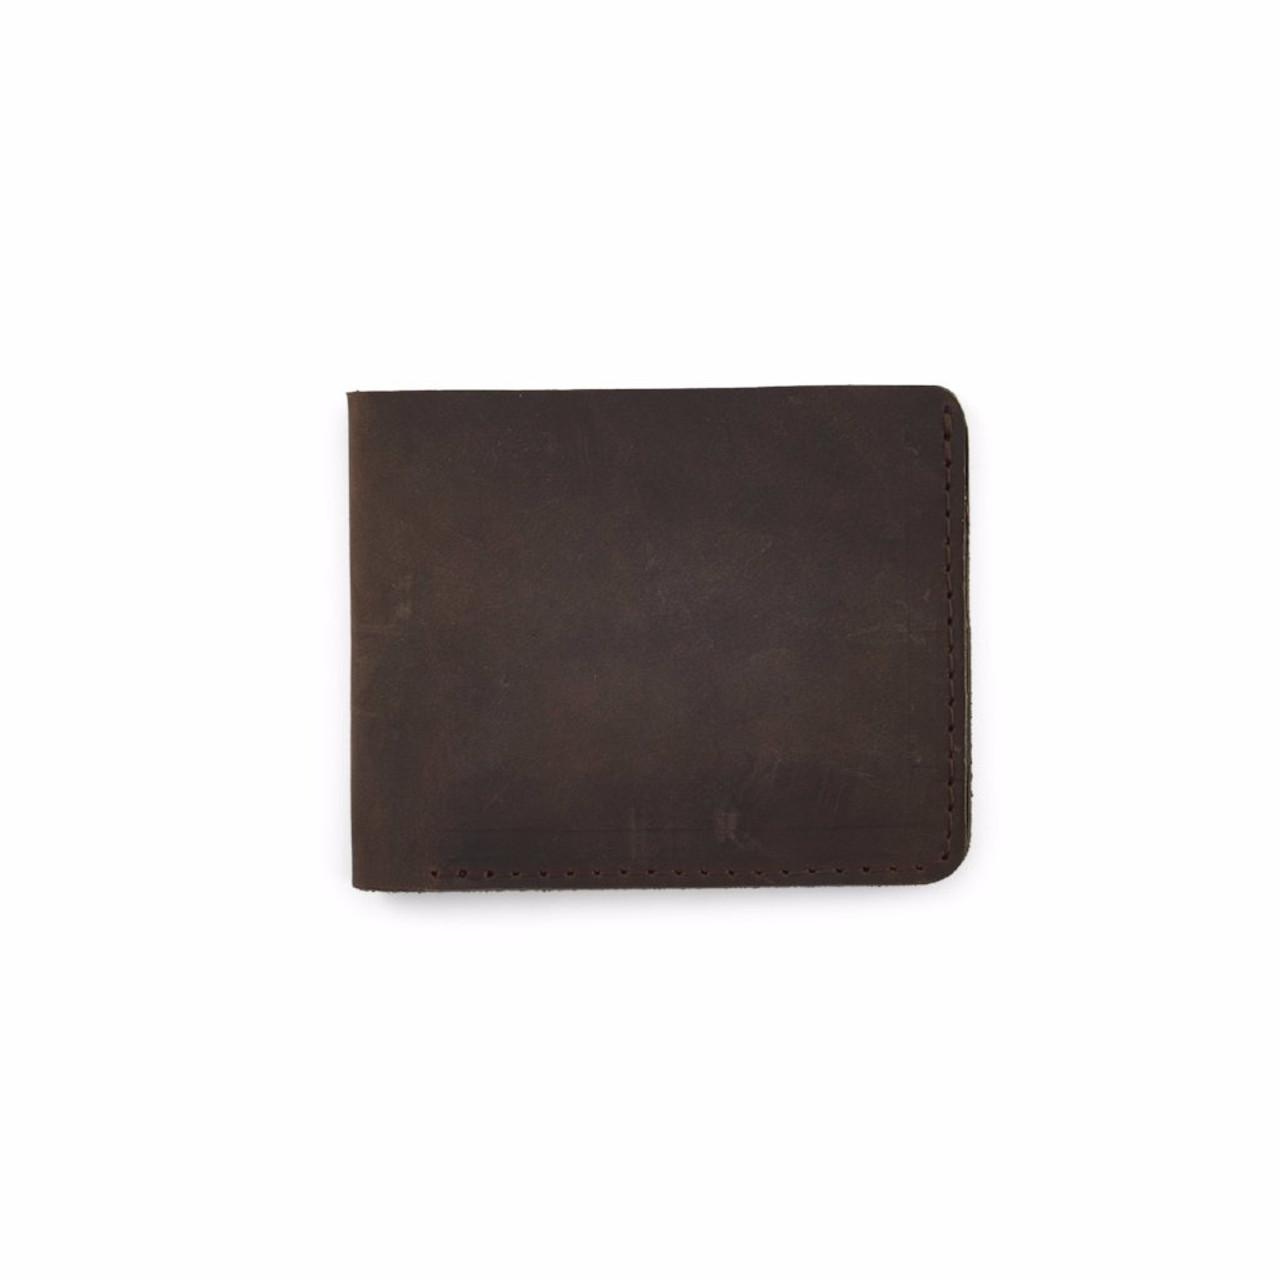 Rustico Minimalist Bifold Leather Wallet - Dark Brown - Front